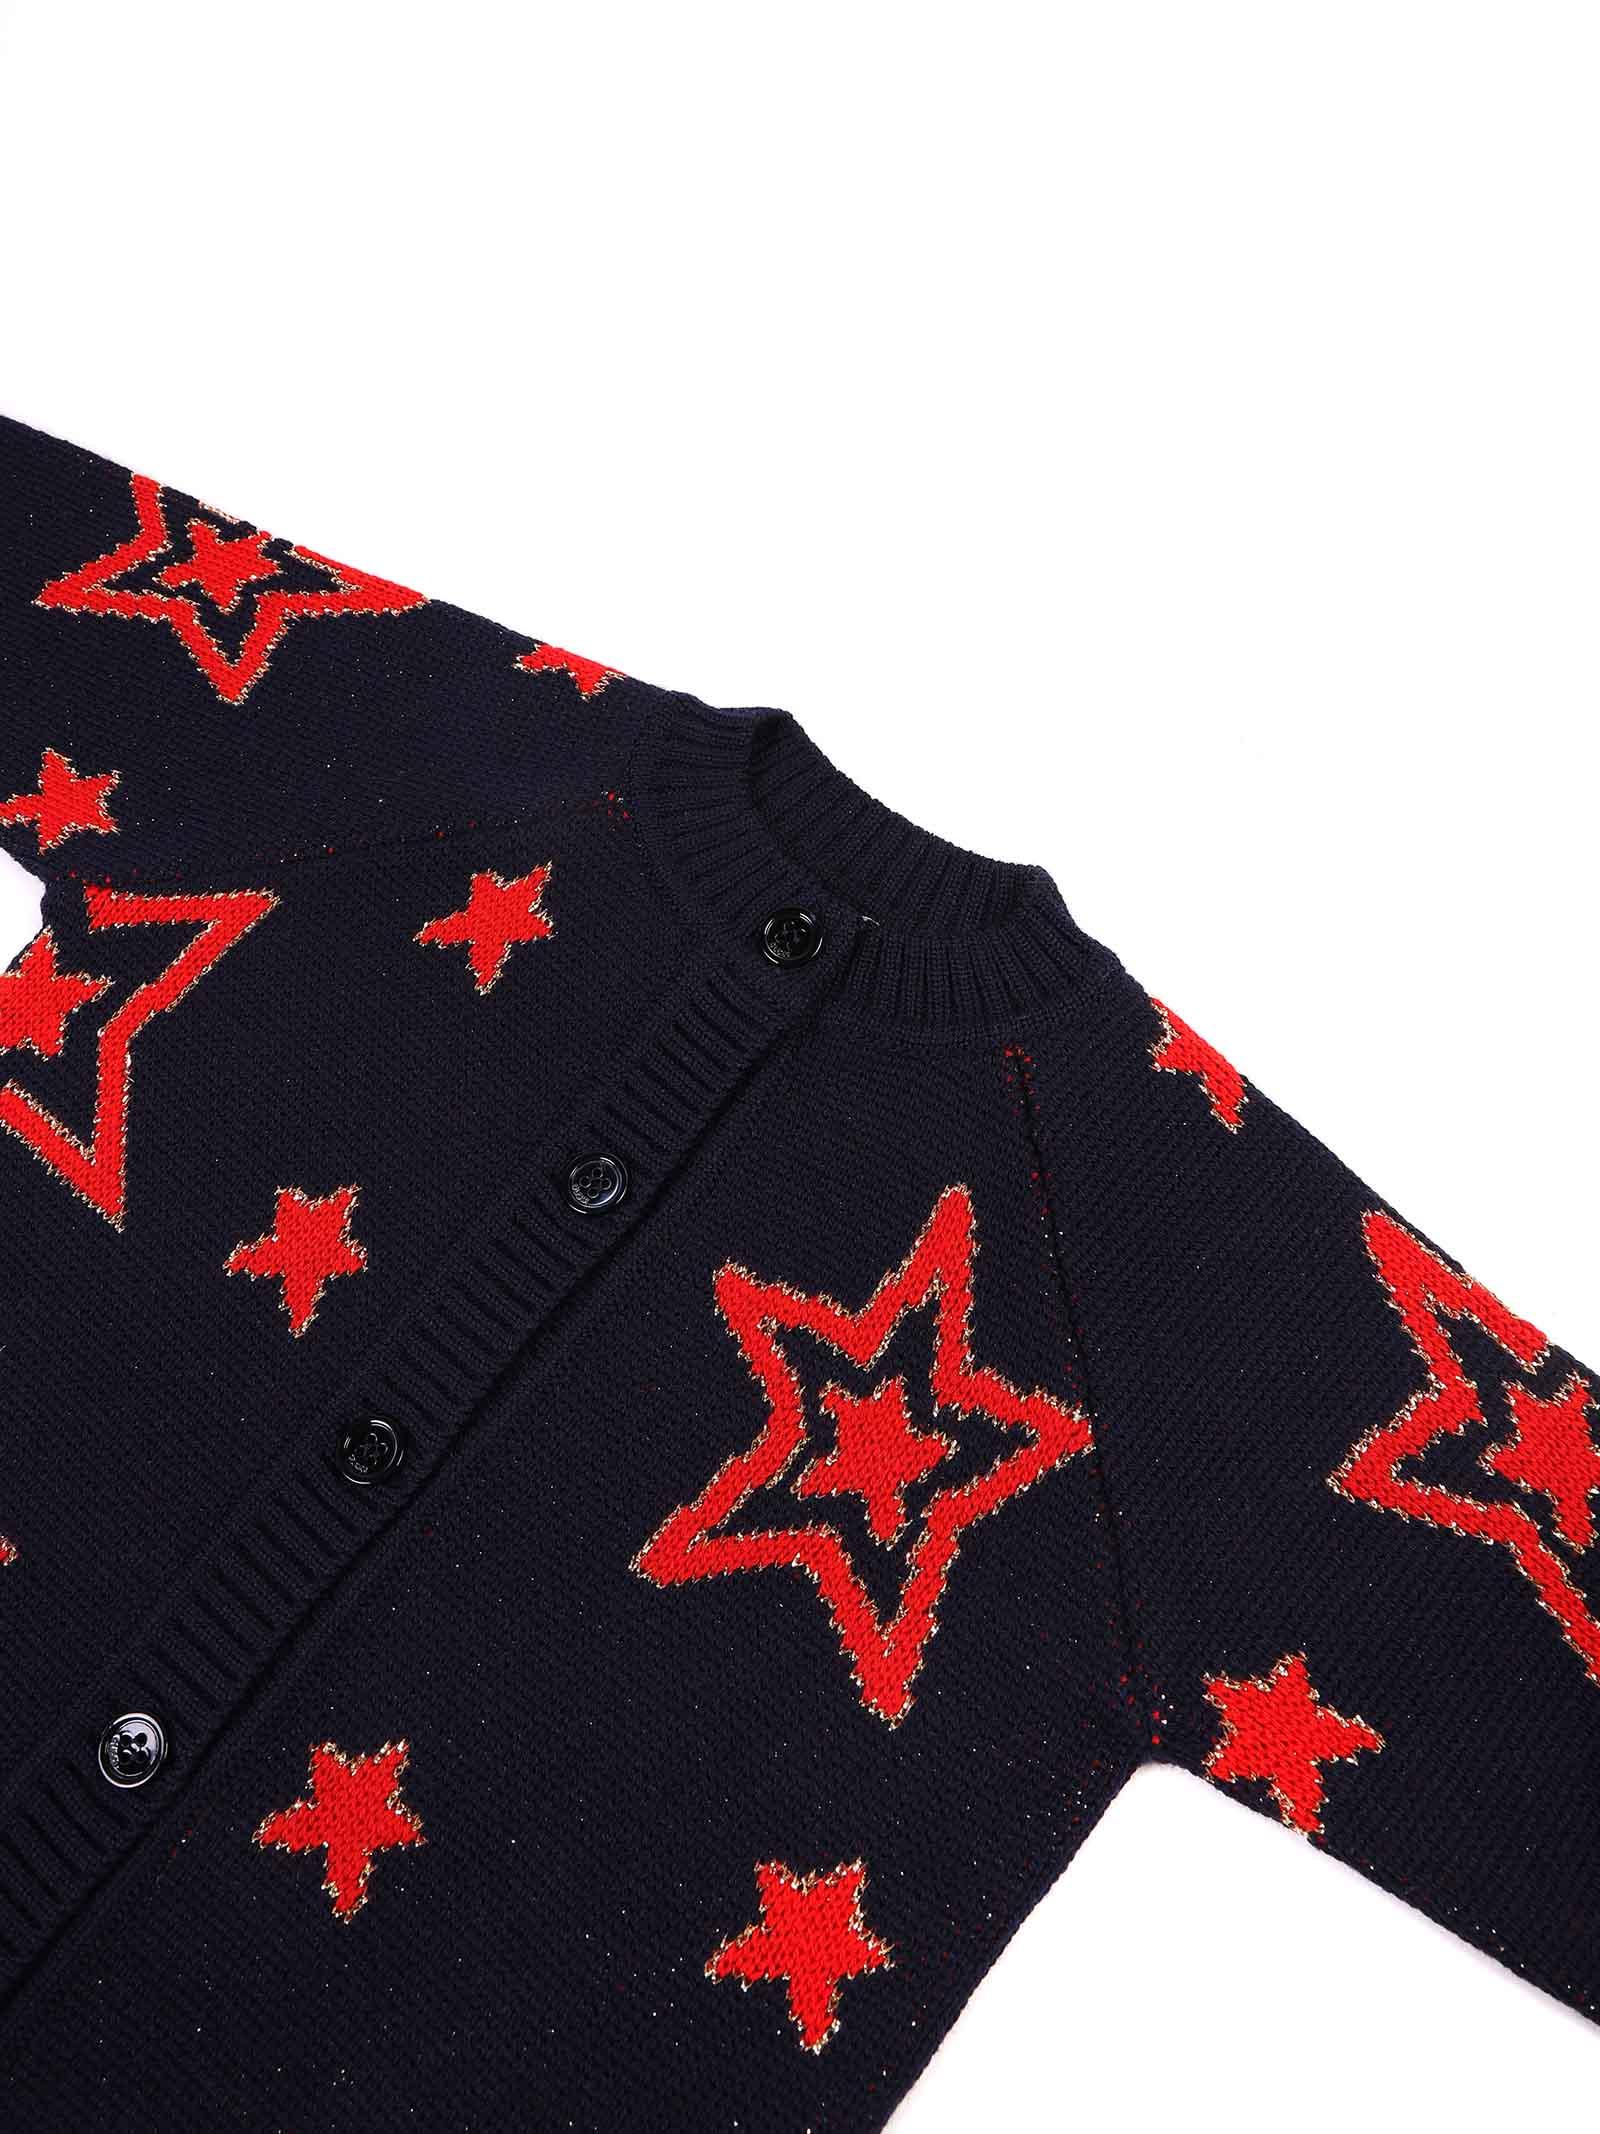 cardigan con stelle e scritta sul retro Gucci | Cardigan | 621857 XKBGX4696